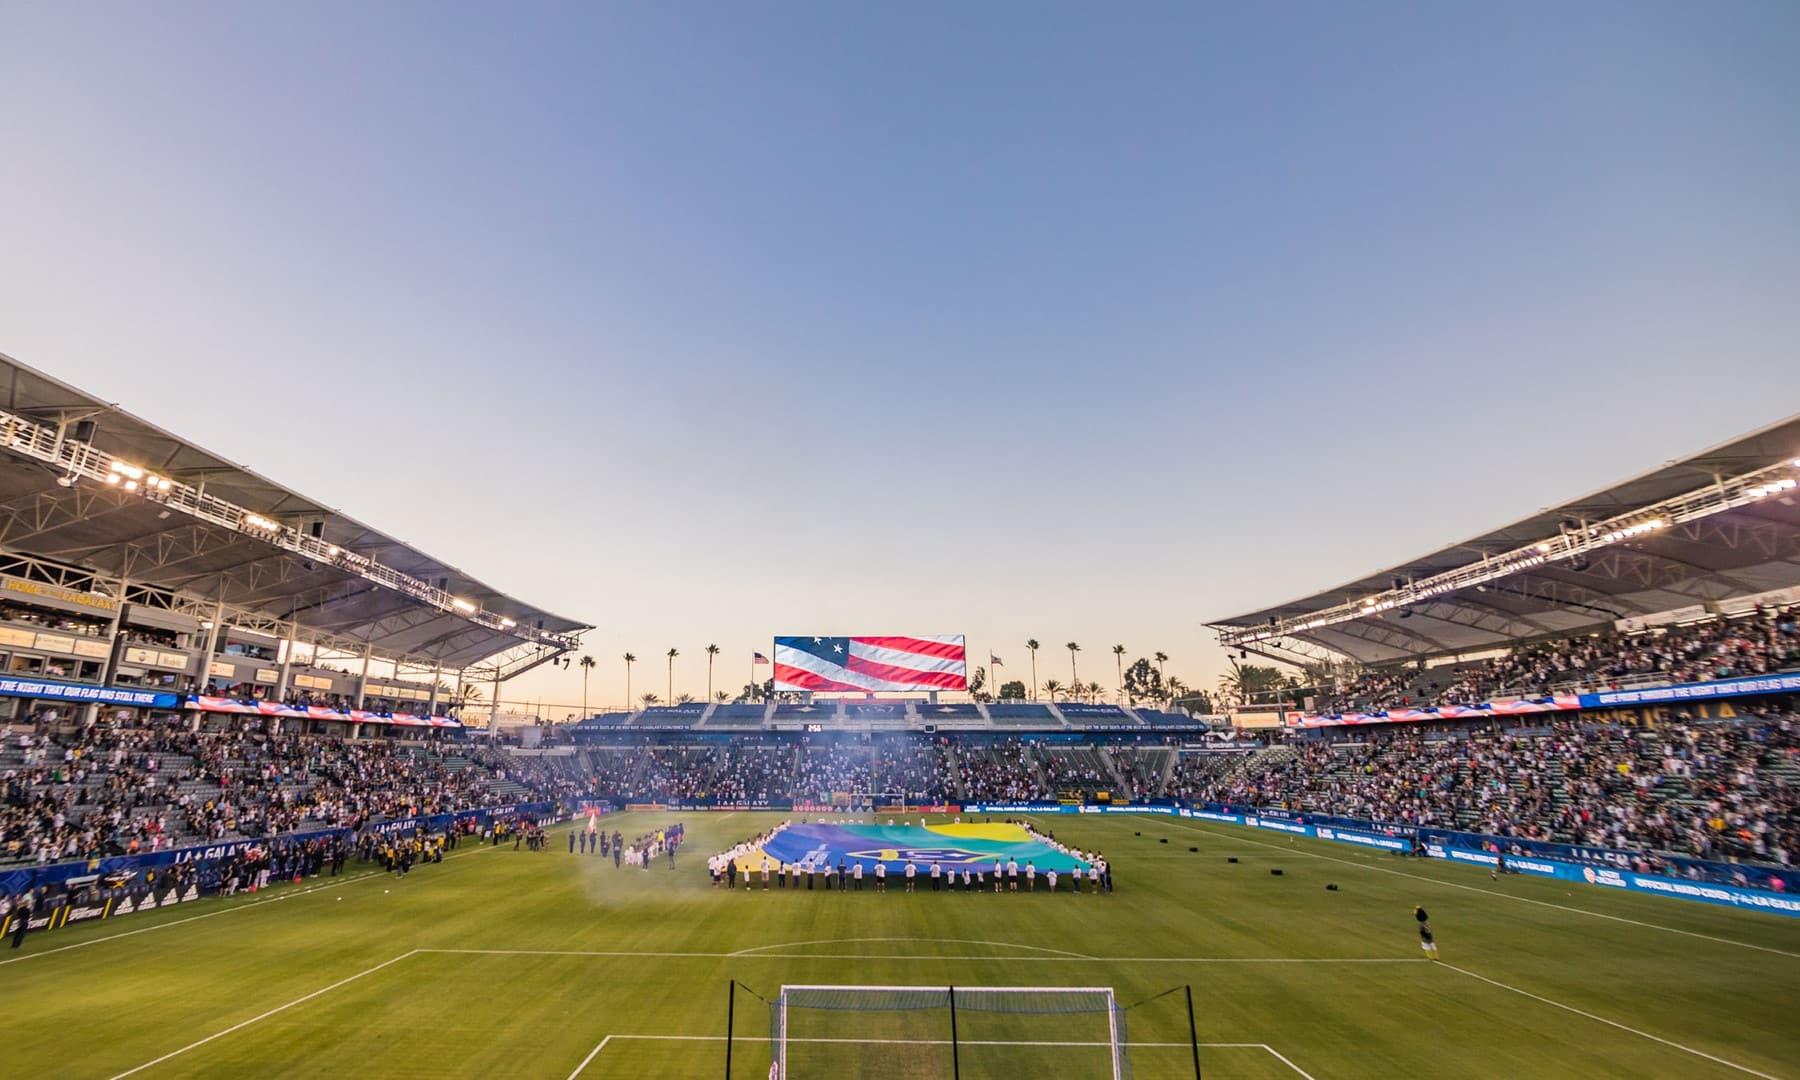 LA Galaxy's Dignity Healthy Sports Park